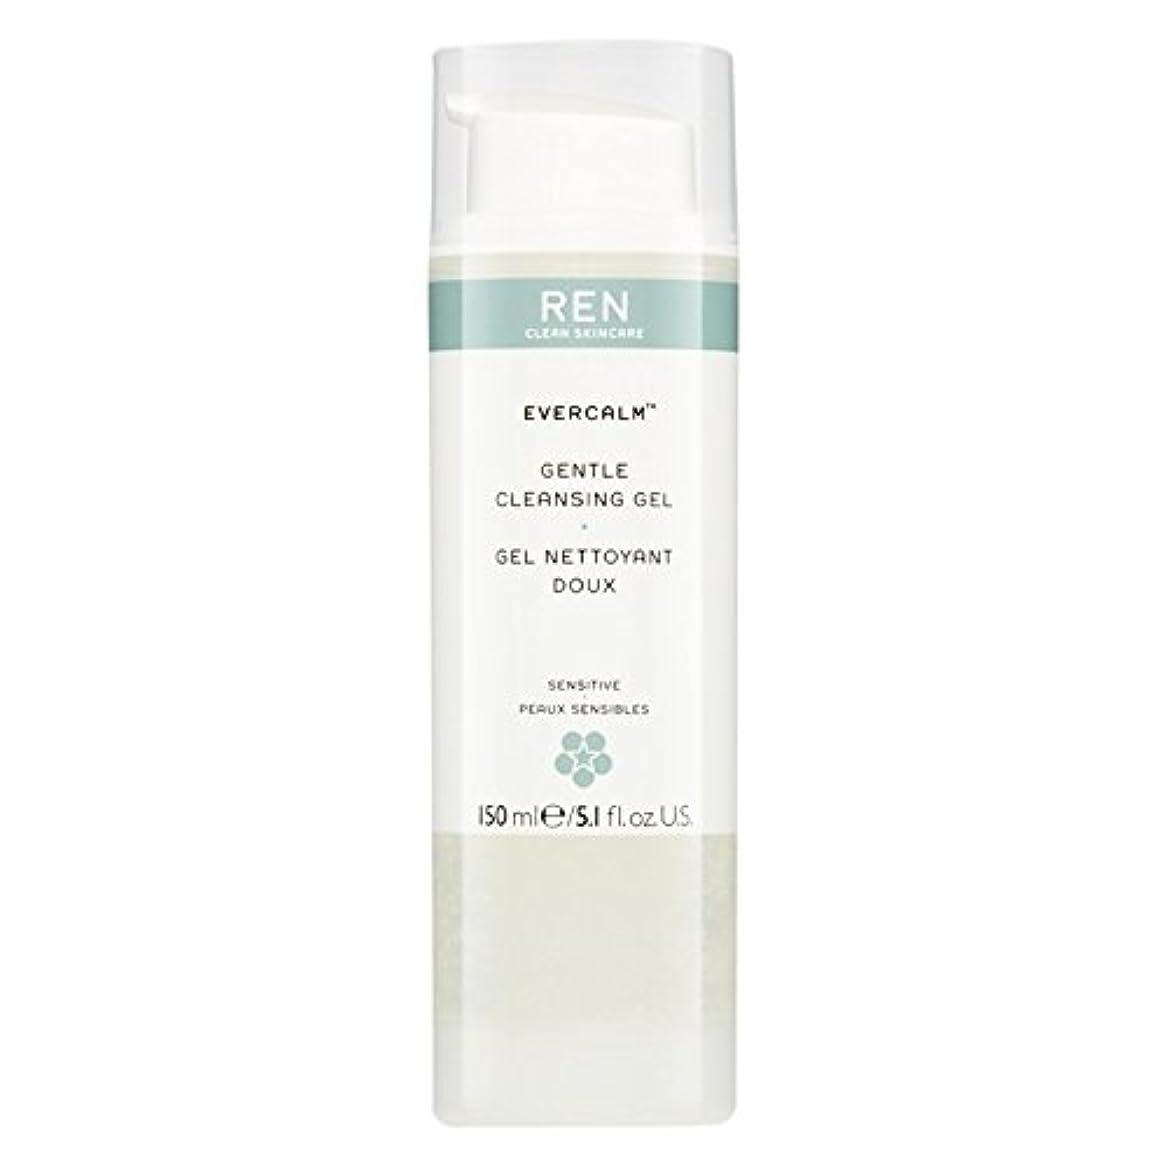 会議桃情熱的Ren Evercalm優しいクレンジングジェル、150ミリリットル (REN) (x6) - REN Evercalm Gentle Cleansing Gel, 150ml (Pack of 6) [並行輸入品]